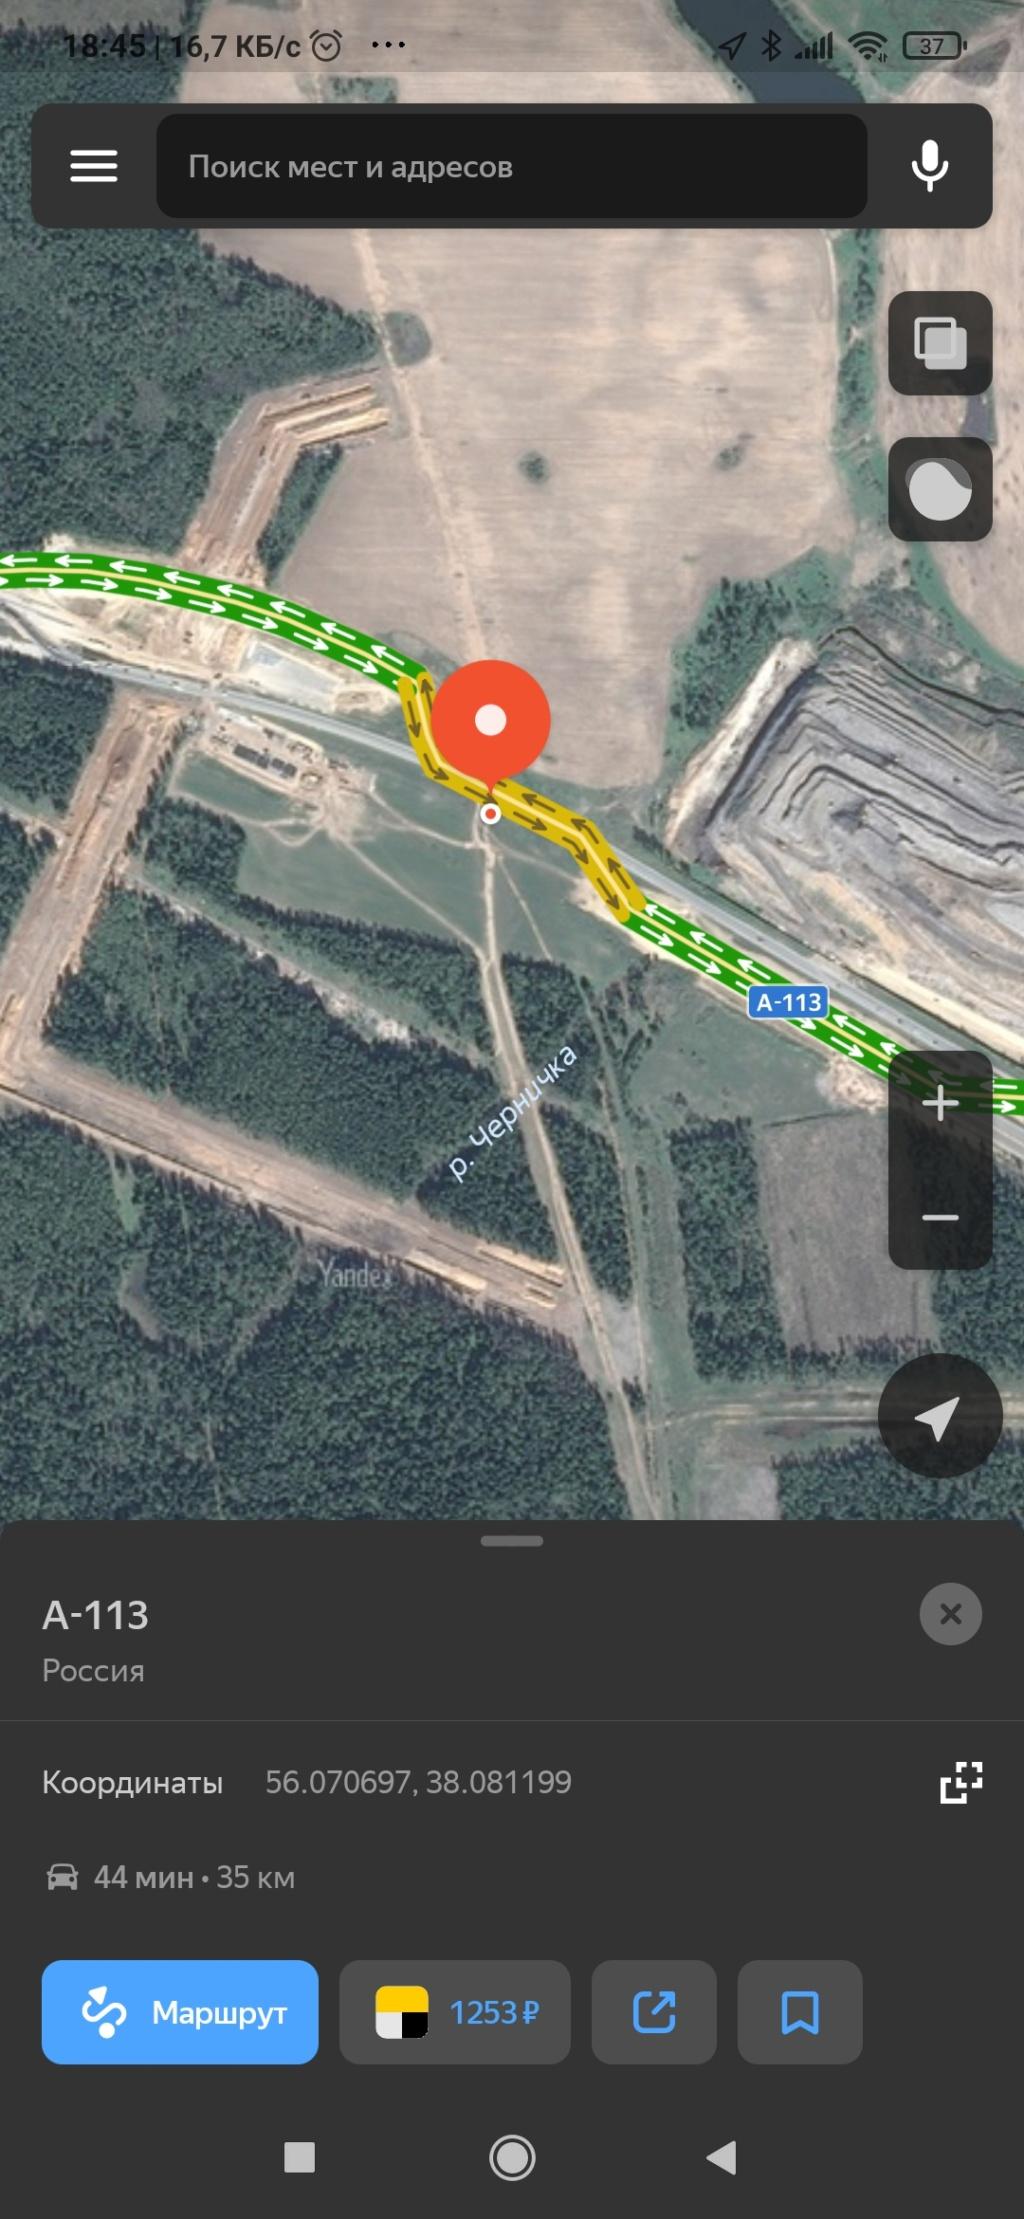 От А107 до Литвиново.  - Страница 4 Screen17